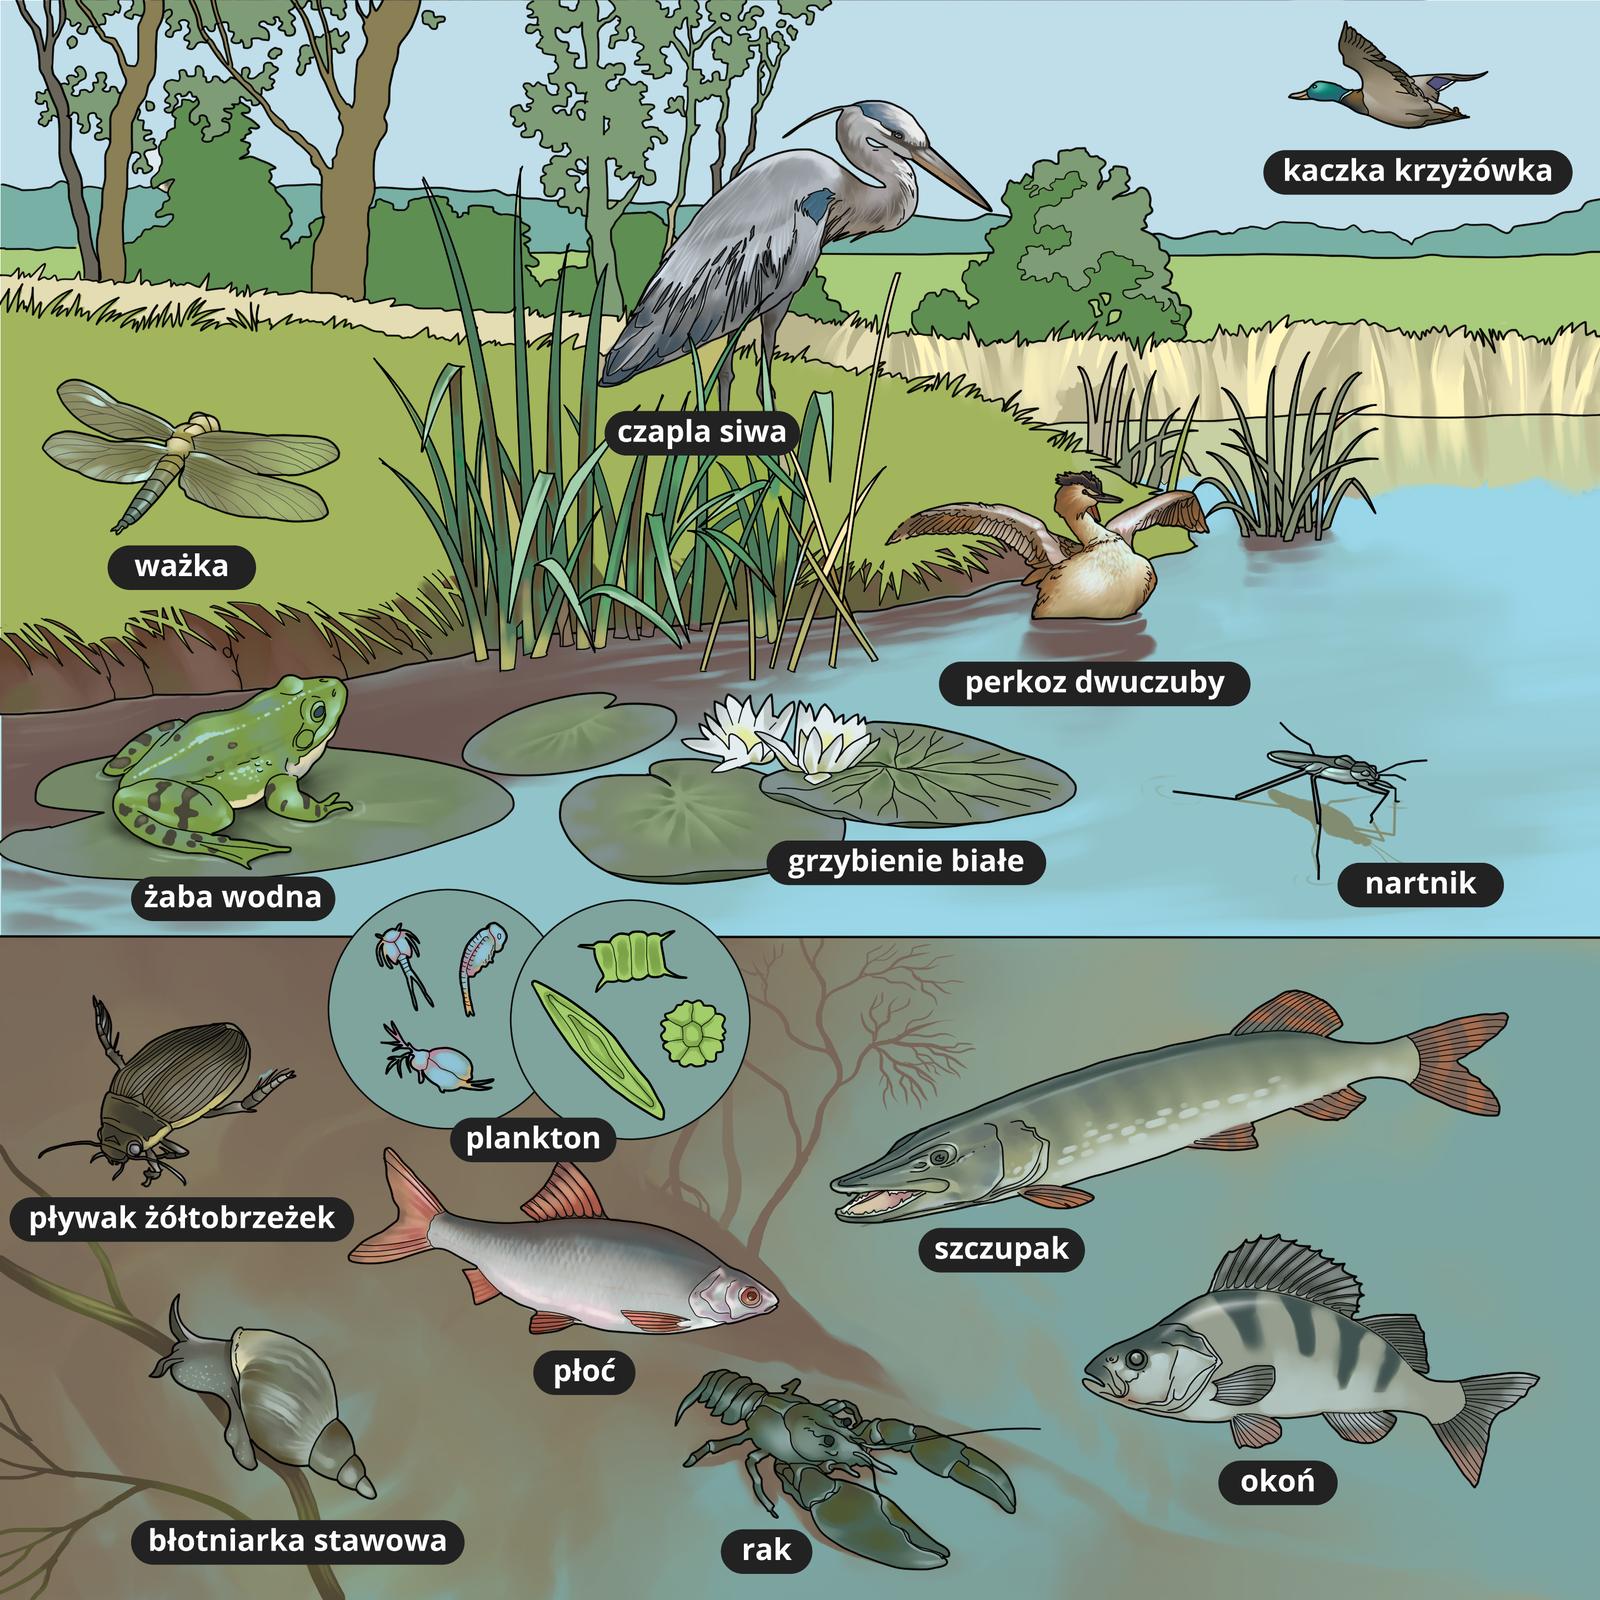 Ilustracja przedstawia organizmy żyjące nad ipod powierzchnią wody wjesiorze. Są to czapla, kaczeńce, grzybienie, pływak żółtobrzeżek, szczupak, płoć, perkoz, plankton, okoń.